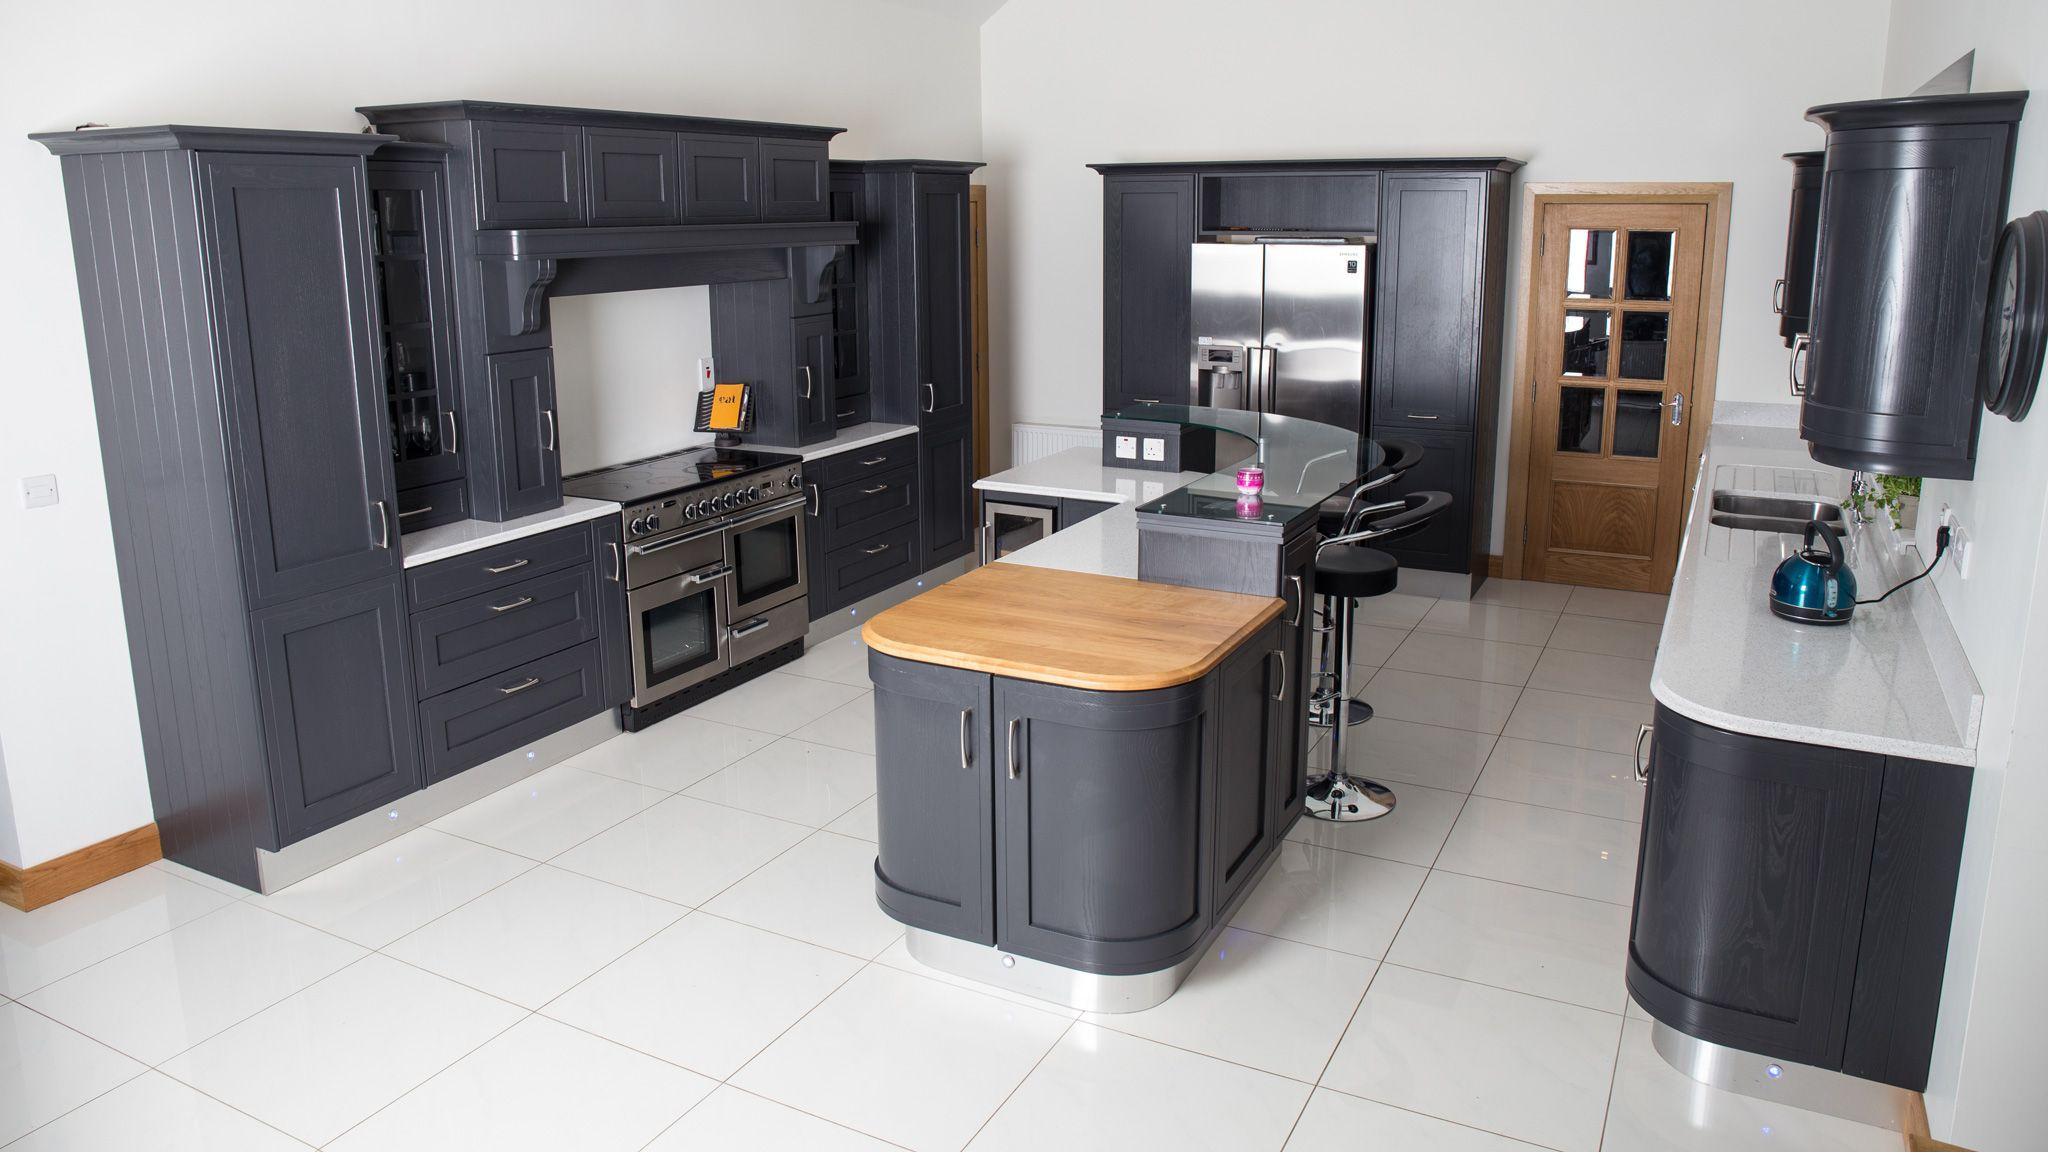 shaker1graphitecookstown.jpg Bespoke kitchens